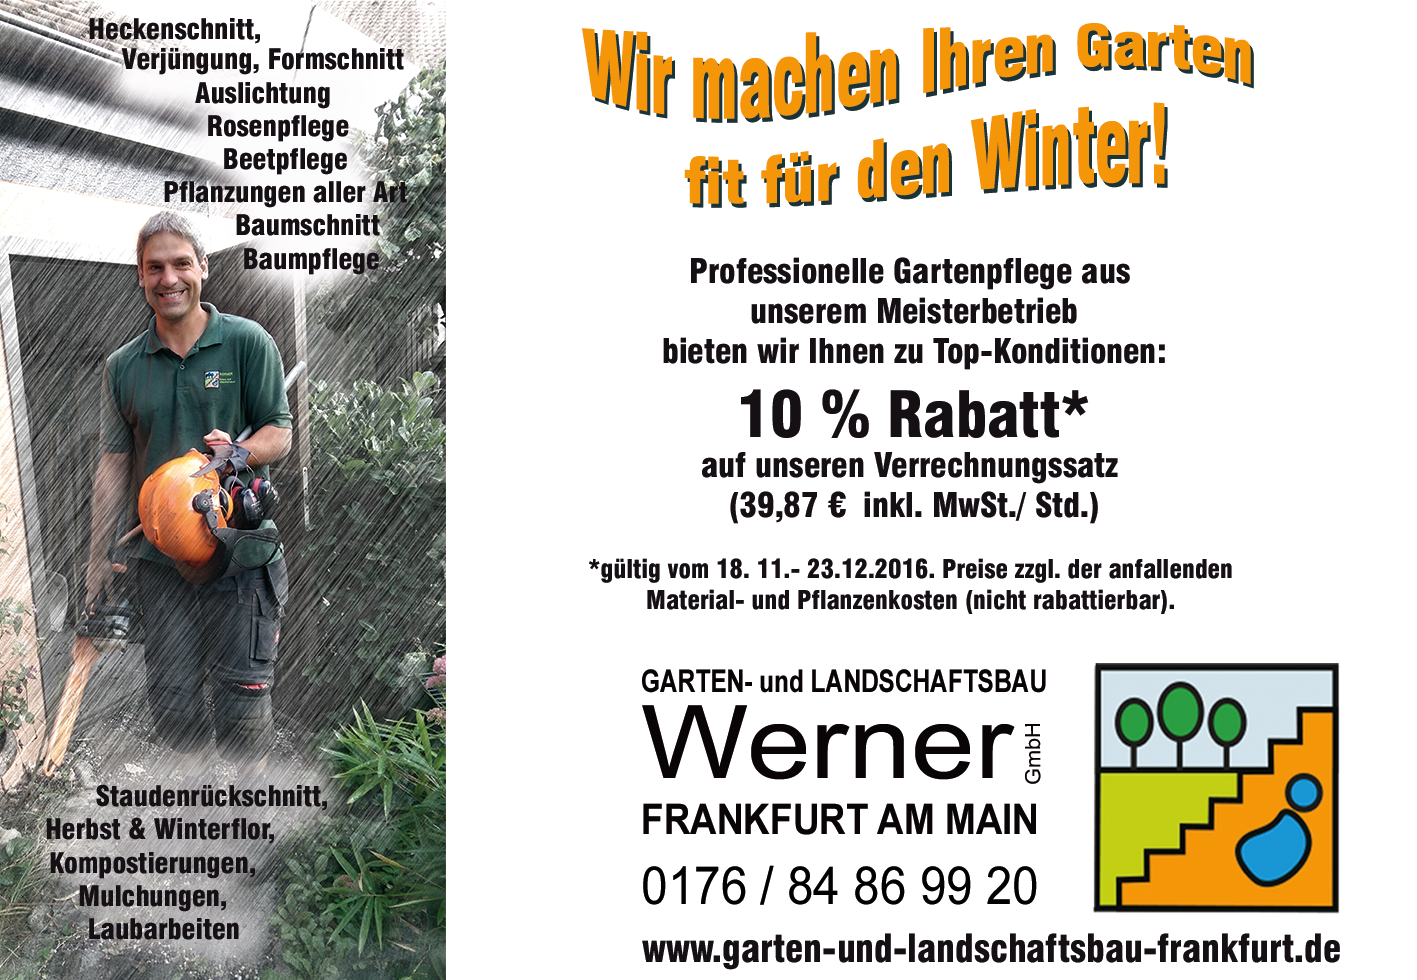 Gartenbau Meisterbetrieb Garten & Landschaftsbau Werner Frankfurt ...